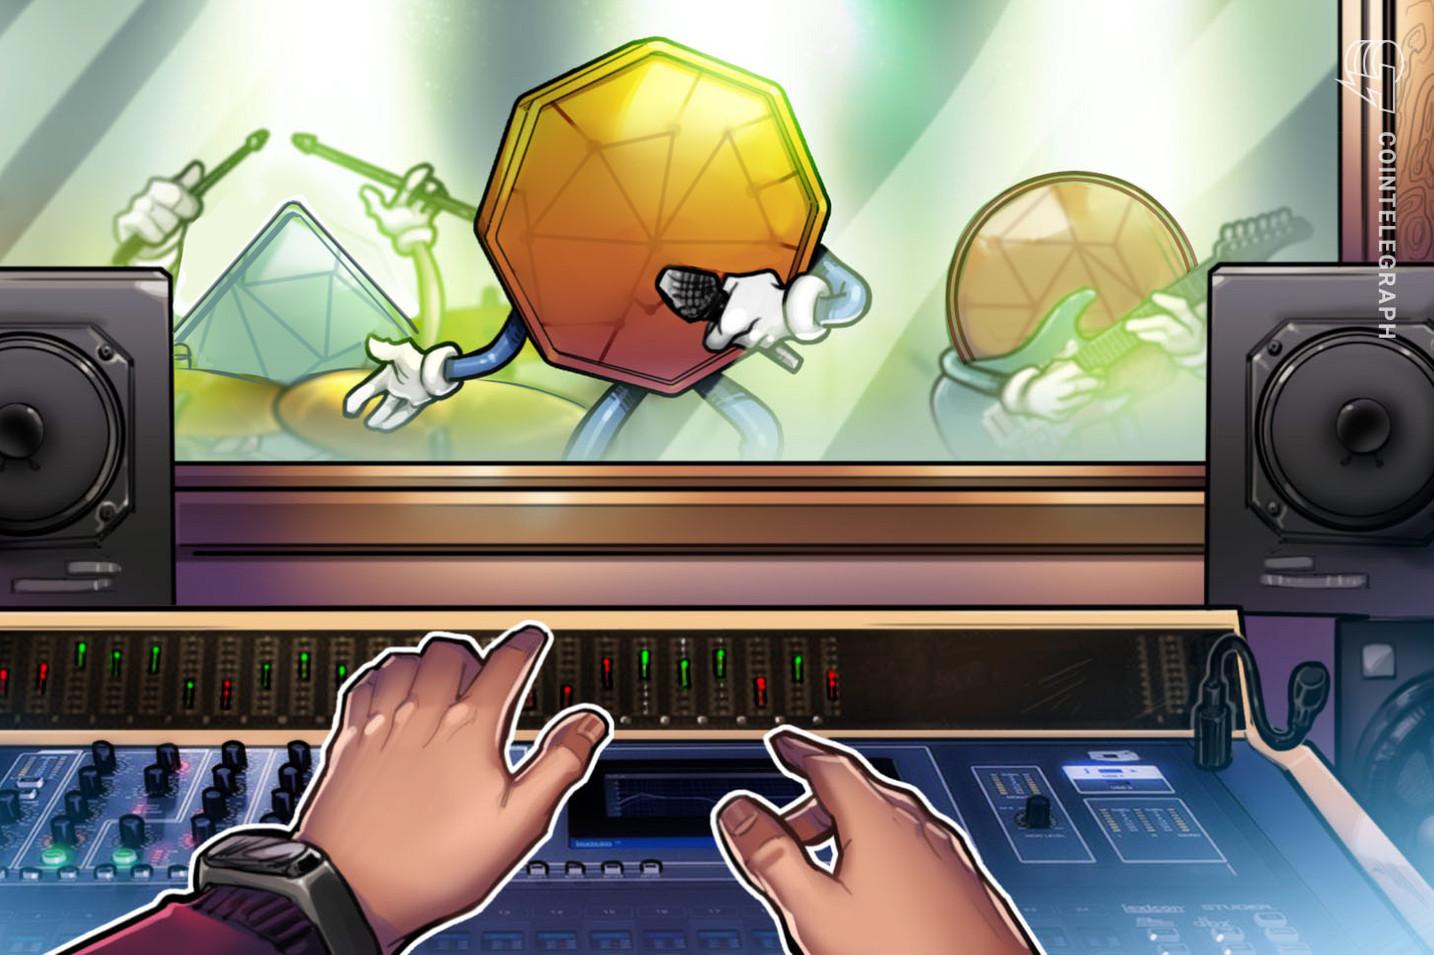 Posledný prípad použitia kryptomeny: Hudobná produkcia?